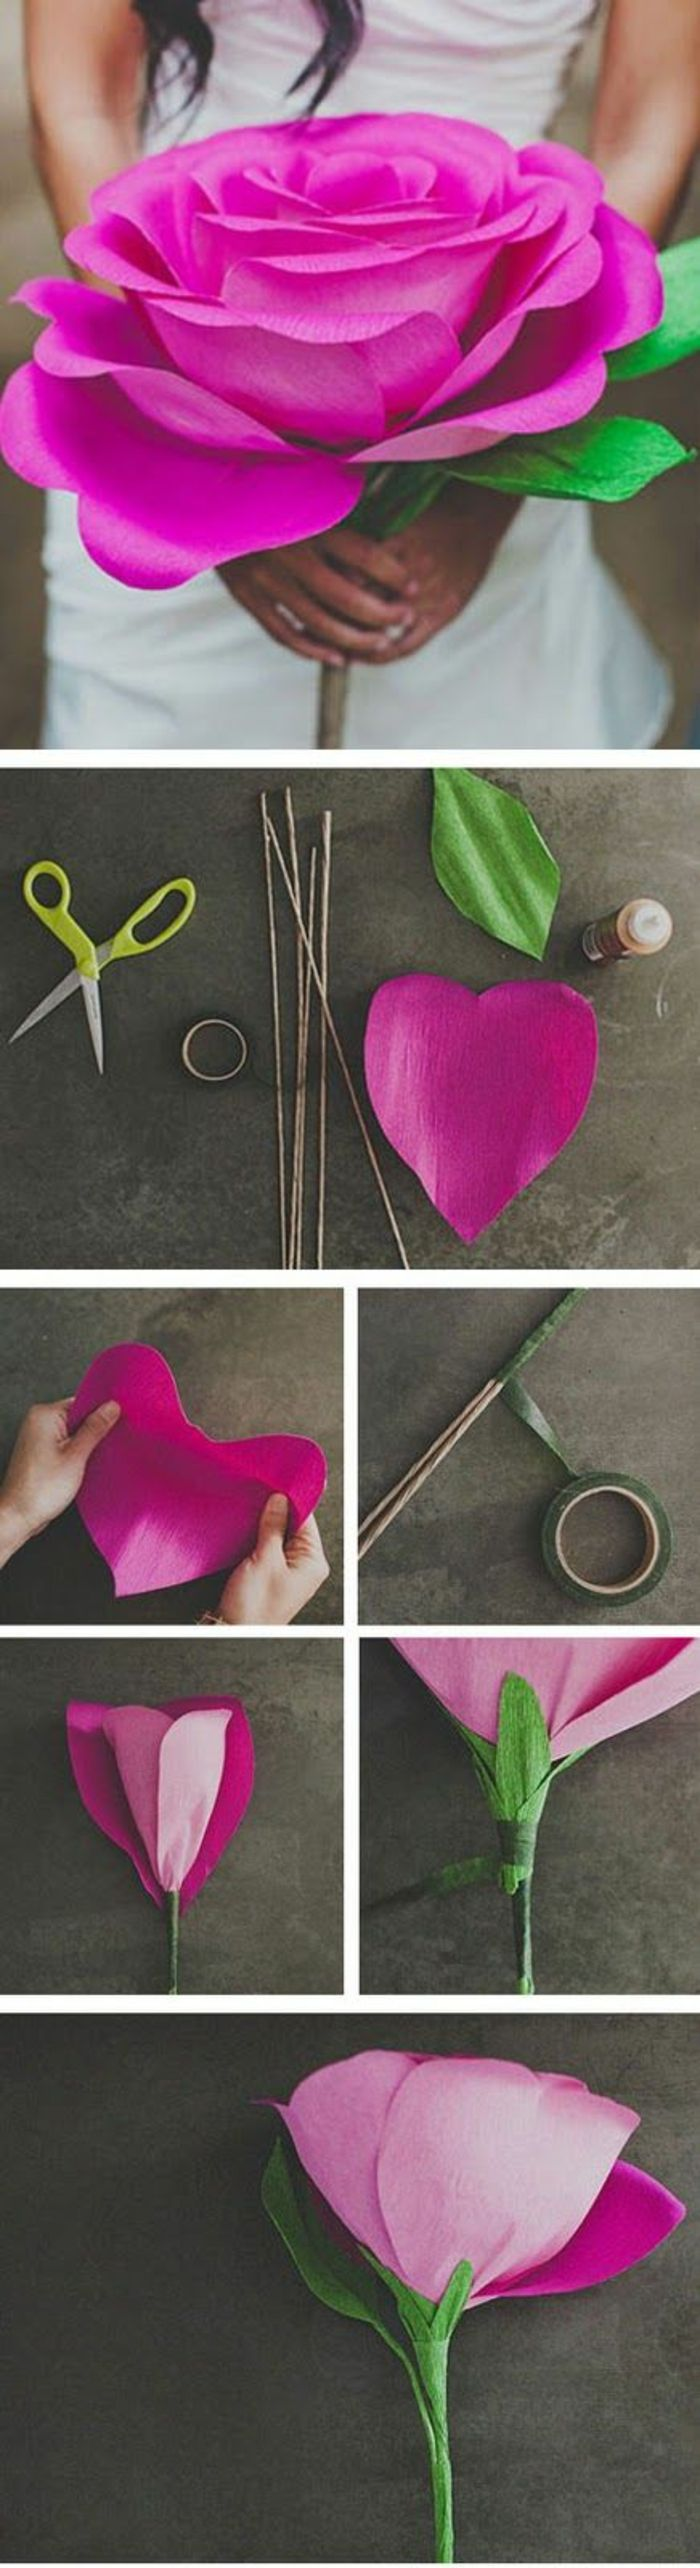 Comment créer une fleur en papier crépon